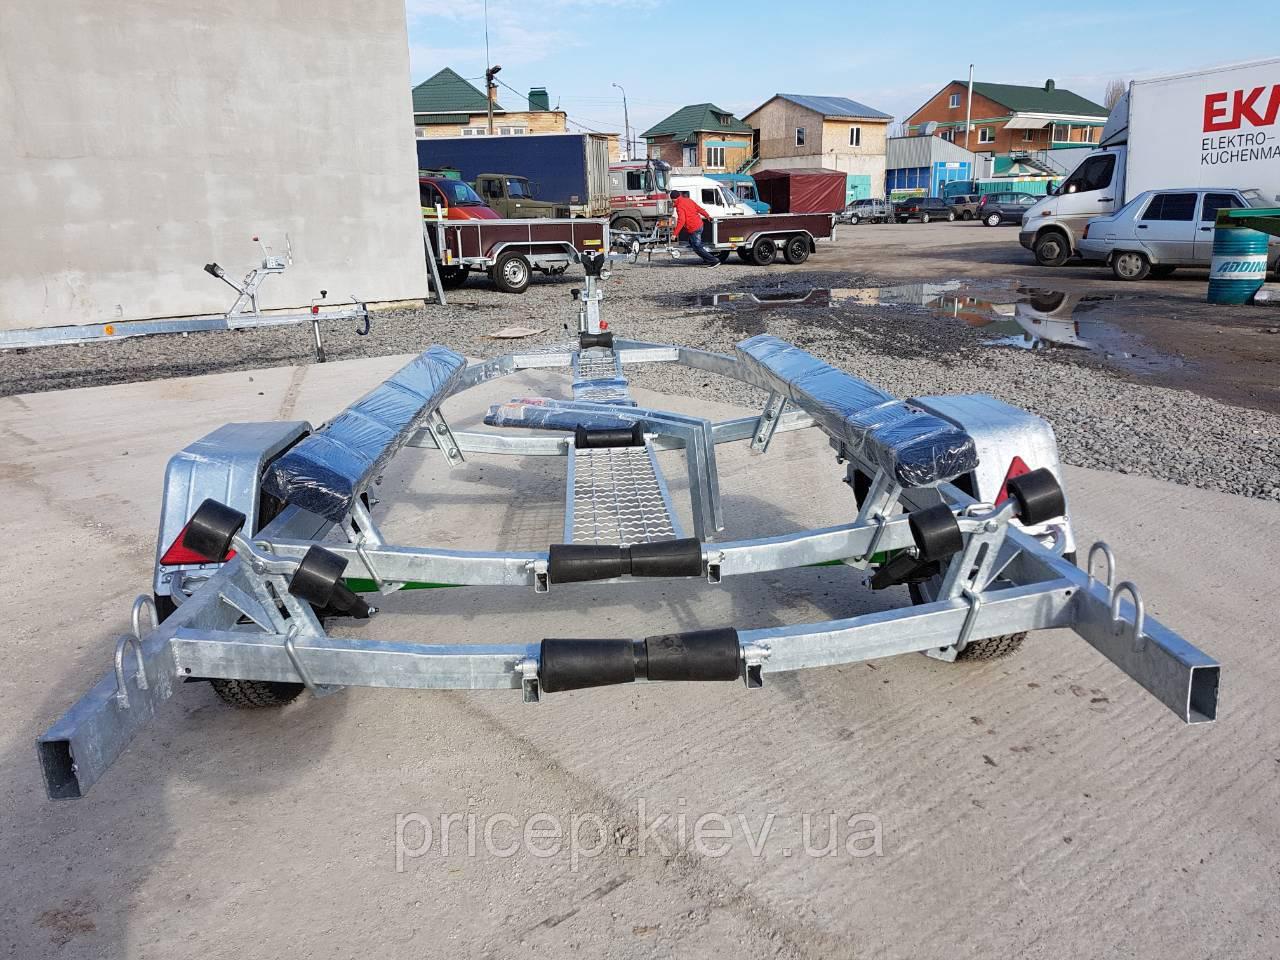 прицеп для лодки pricep.kiev.ua